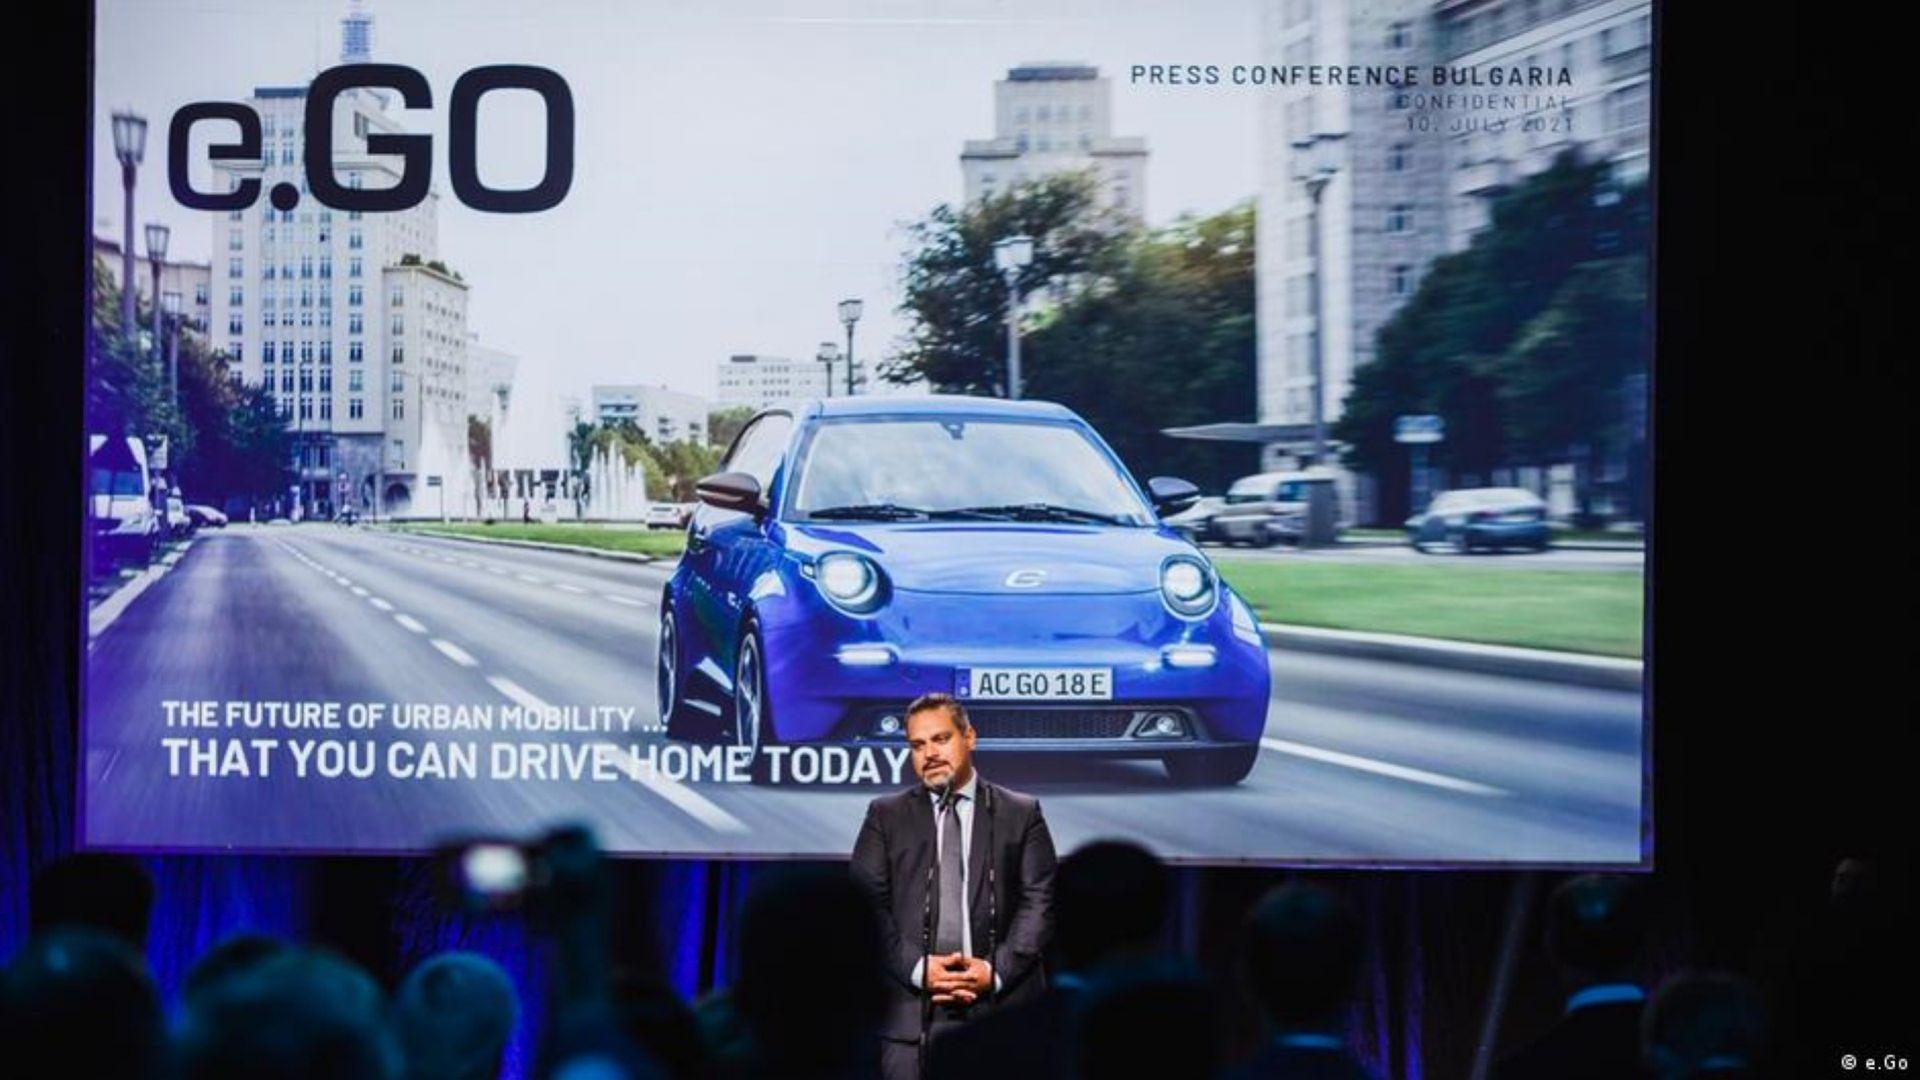 Компанията от Аахен промотира бъдеще в градската мобилност